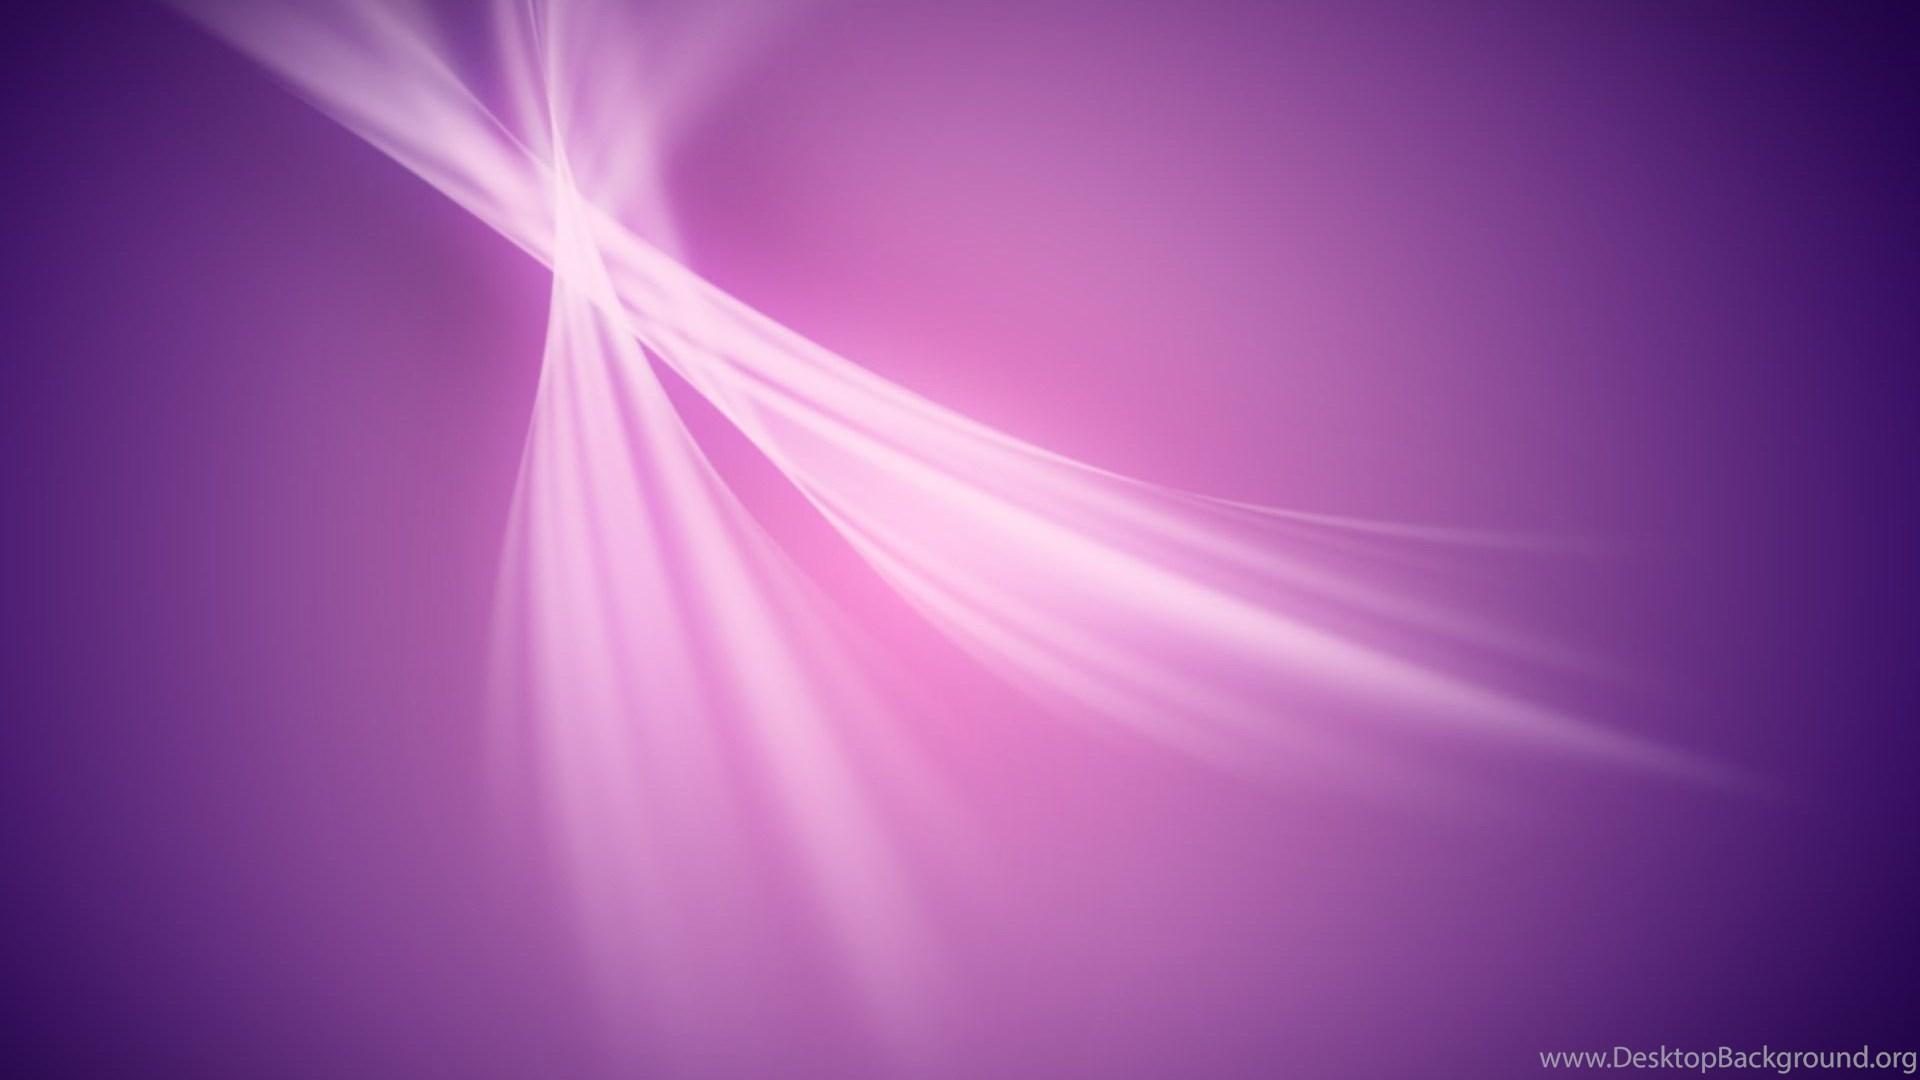 Light Violet Color Wallpaper Desktop Background